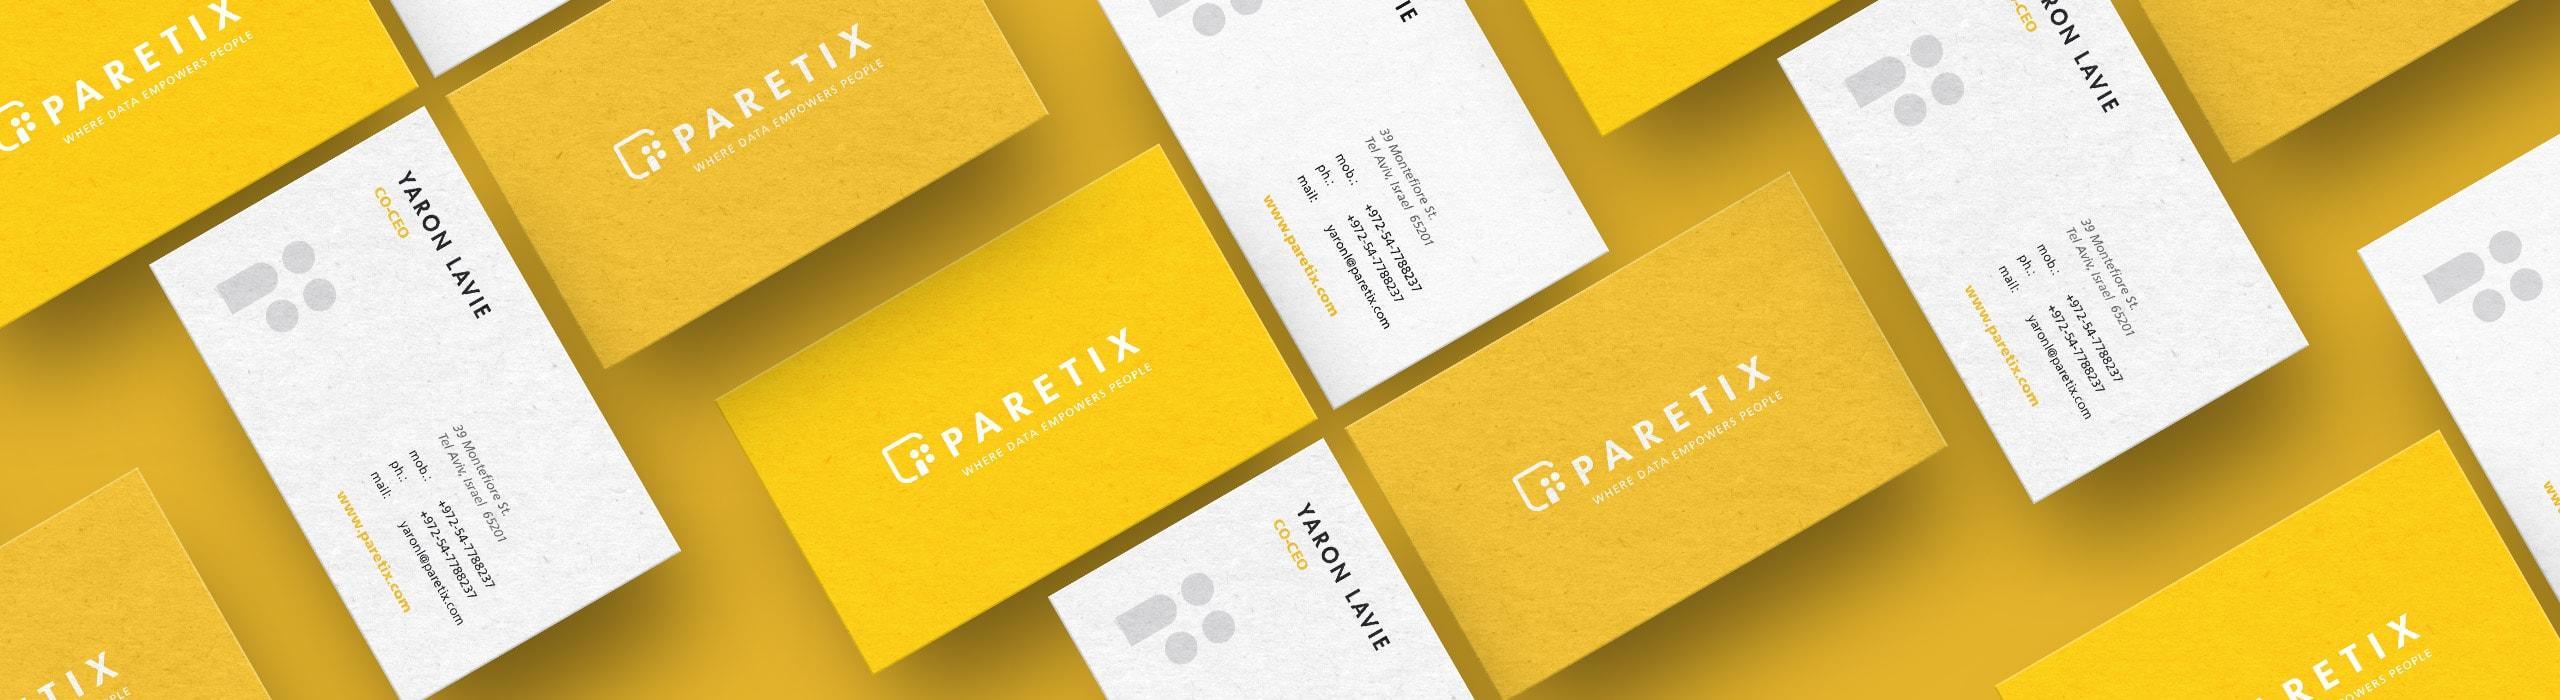 Paretix - natie-paretix-business-cards - Natie Branding Agency